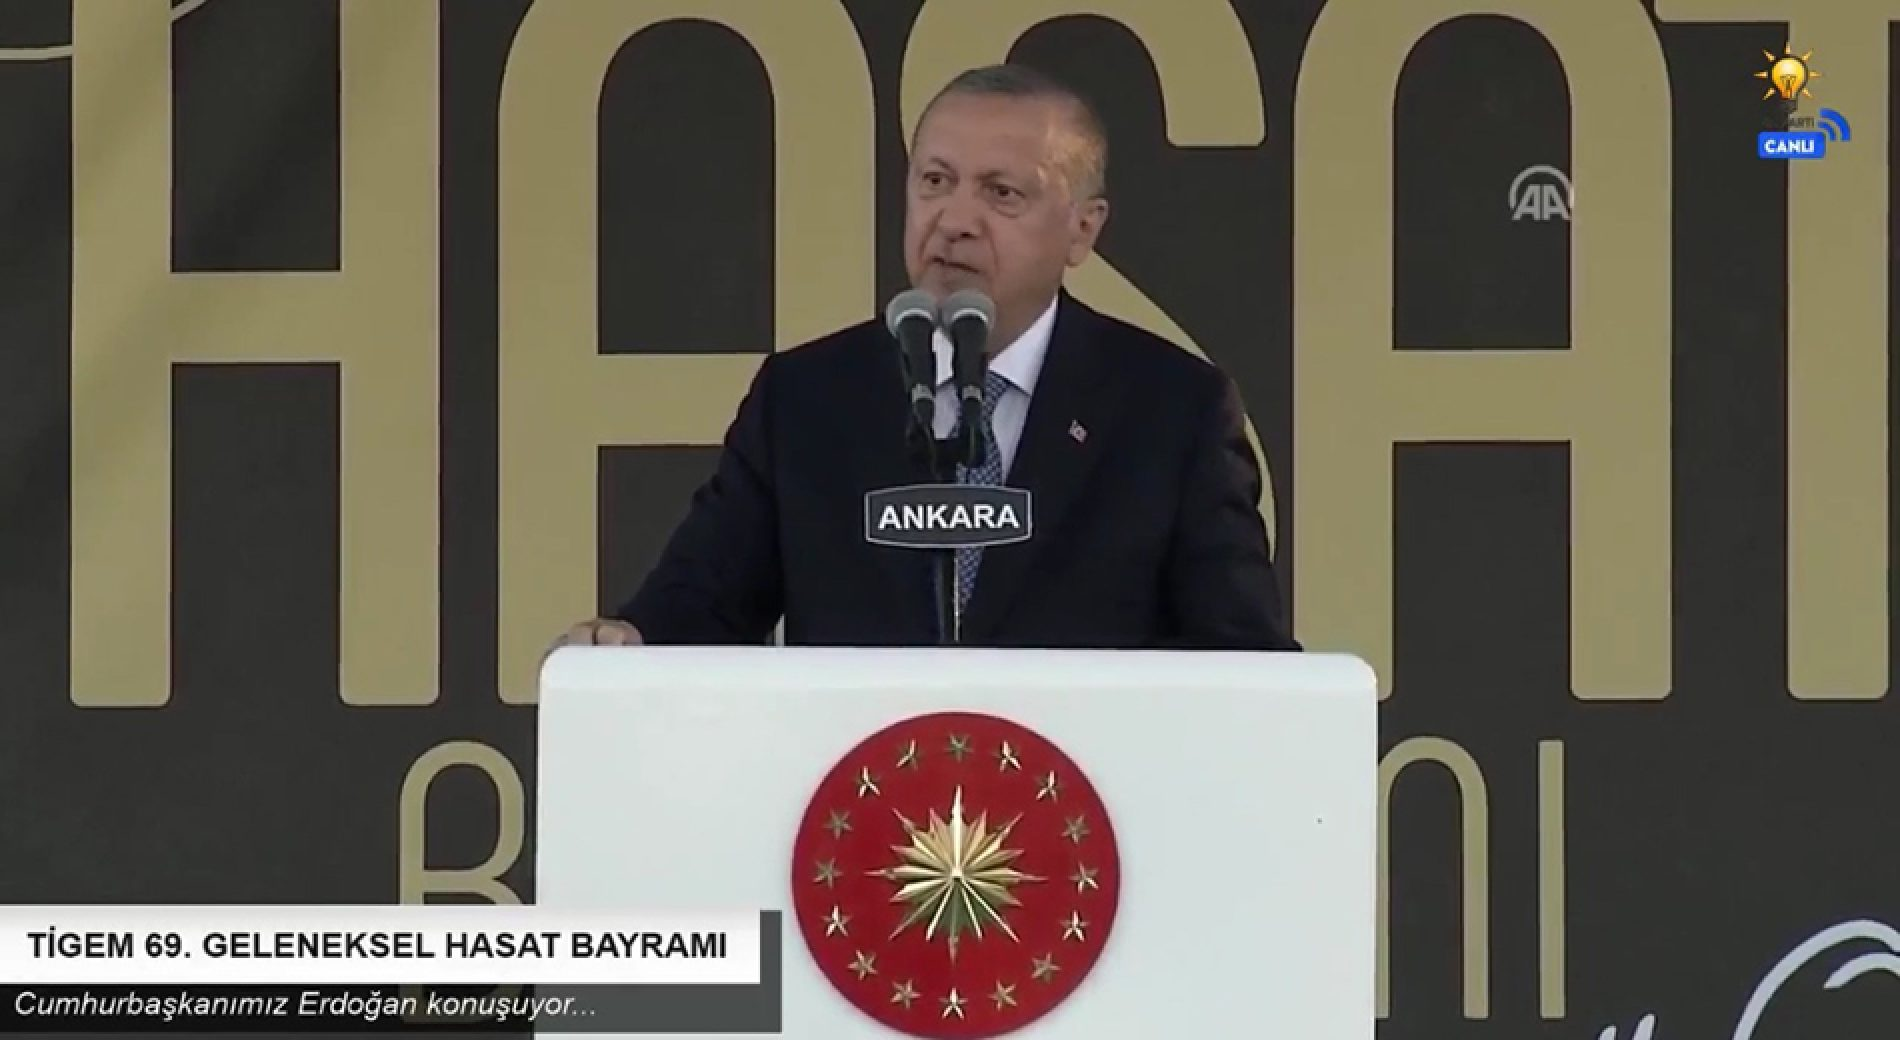 Başkanımız Yahya TOPLU, TİGEM Polatlı 69. Geleneksel Hasat Bayramına katıldı…